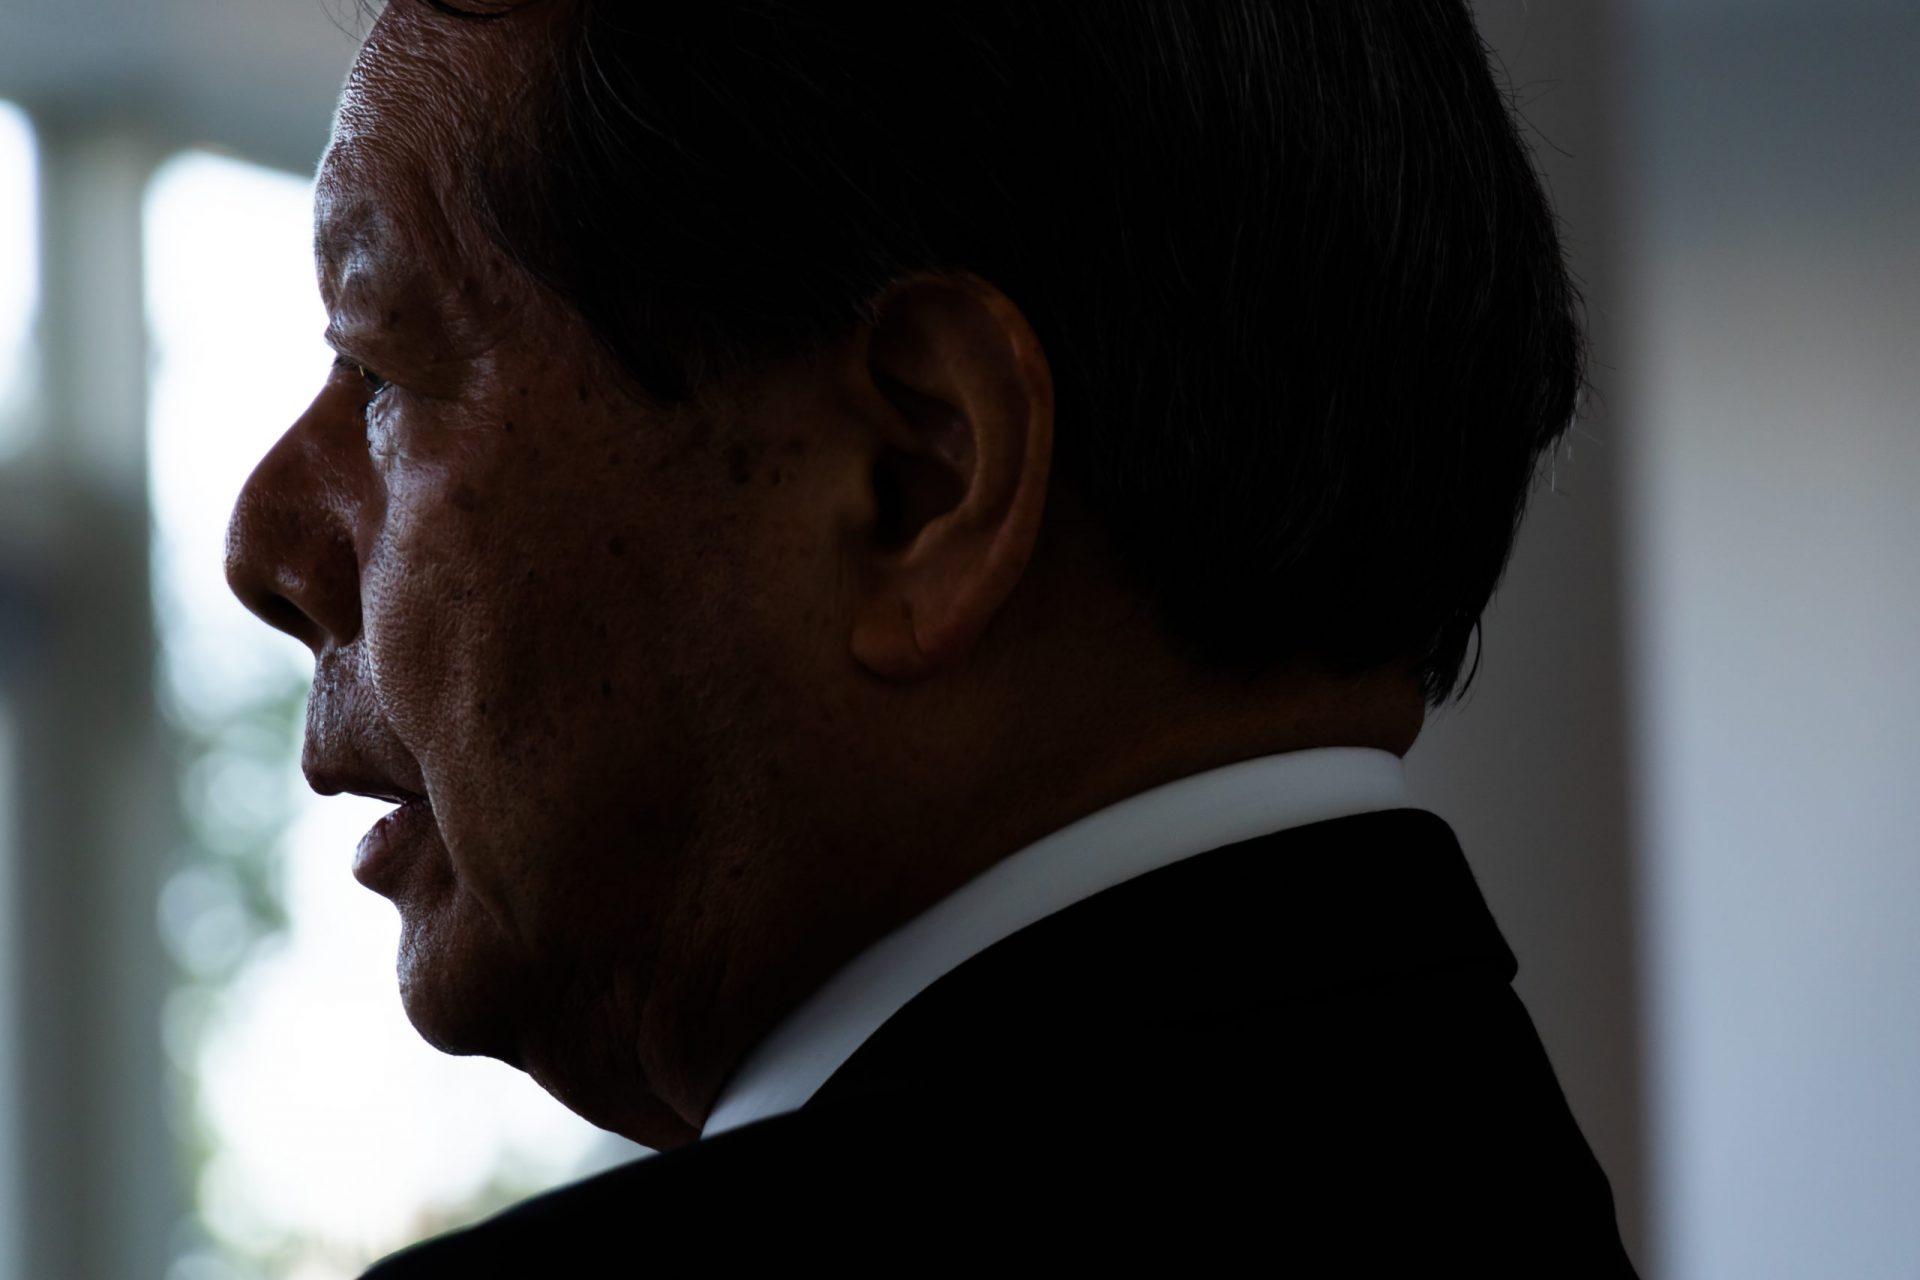 実業之日本』と地政学(6)東シナ海・台湾・南シナ海:地政学的な台湾の重要性(船橋洋一編集顧問との対談)